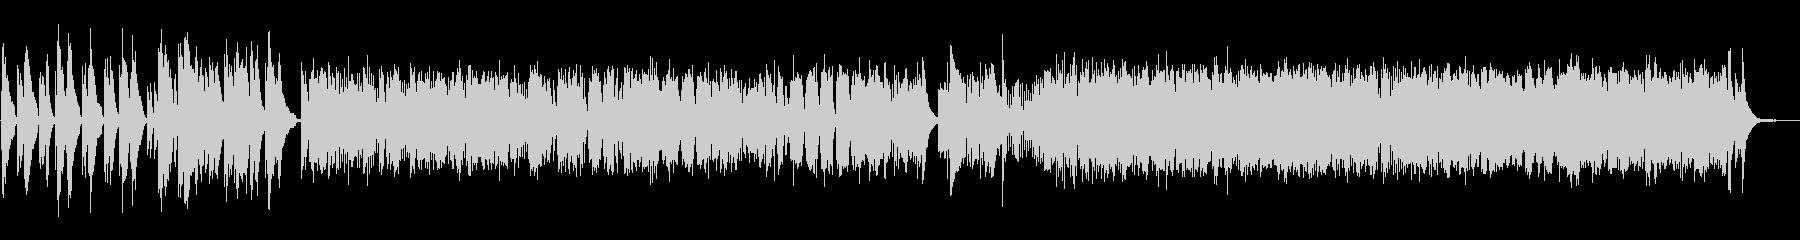 劇的な哀愁のチェンバロ バロック・高音質の未再生の波形